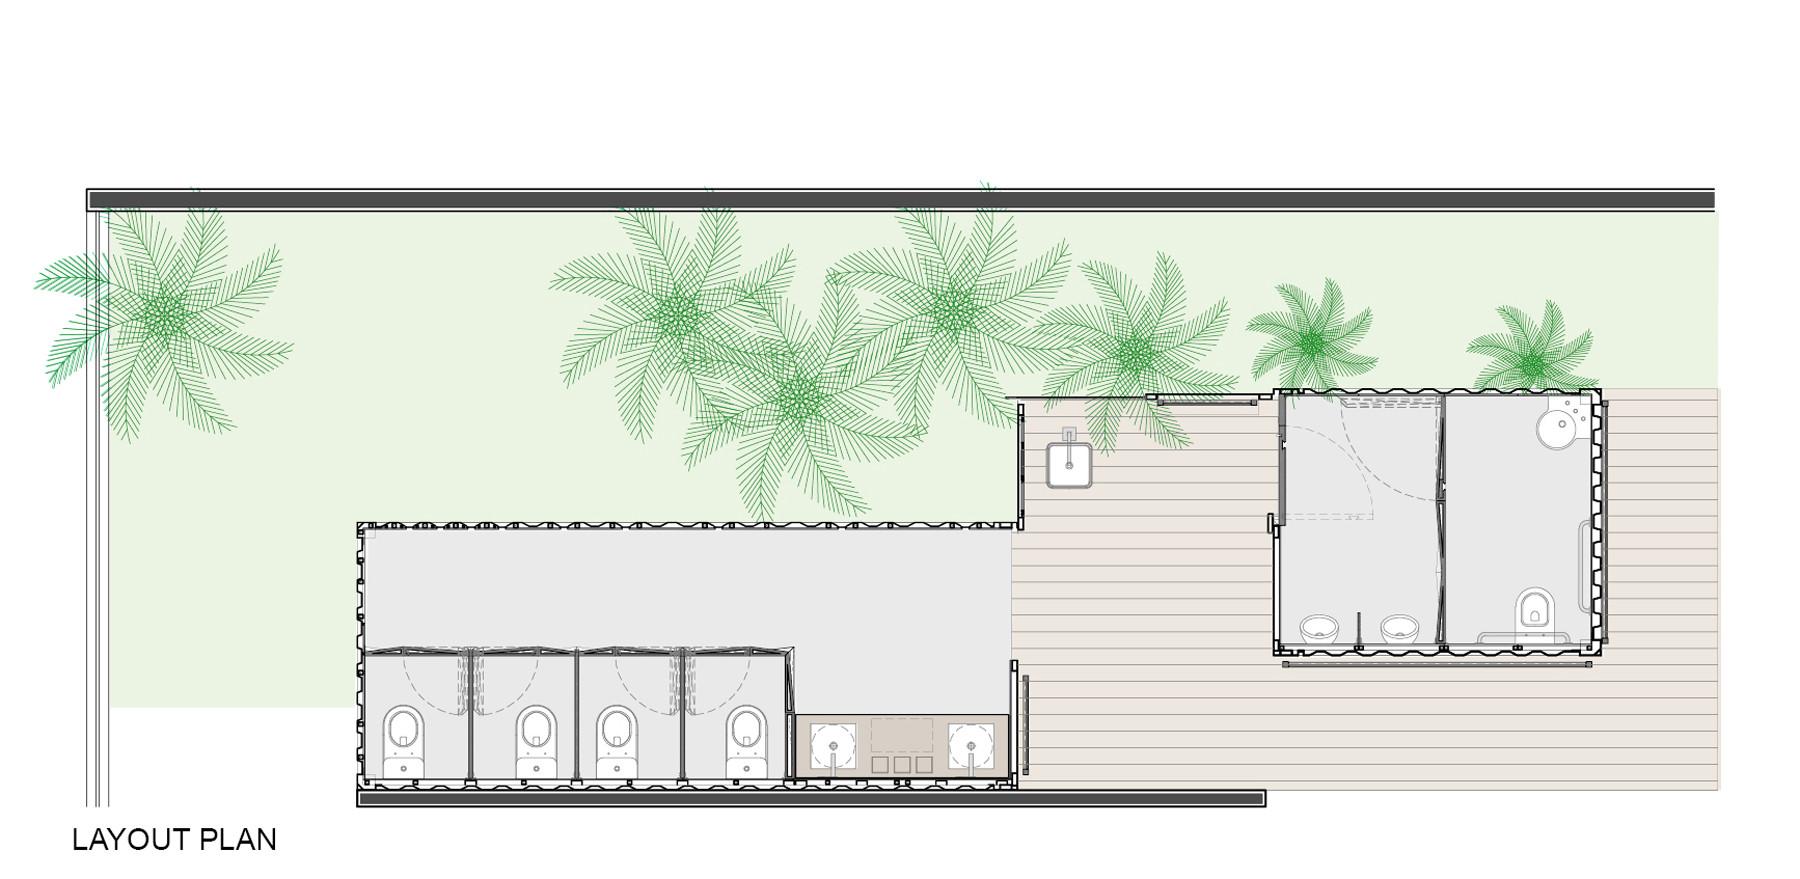 Galeria de Banheiros Ecotransportáveis / SJ2A 15 #418A45 1800 879